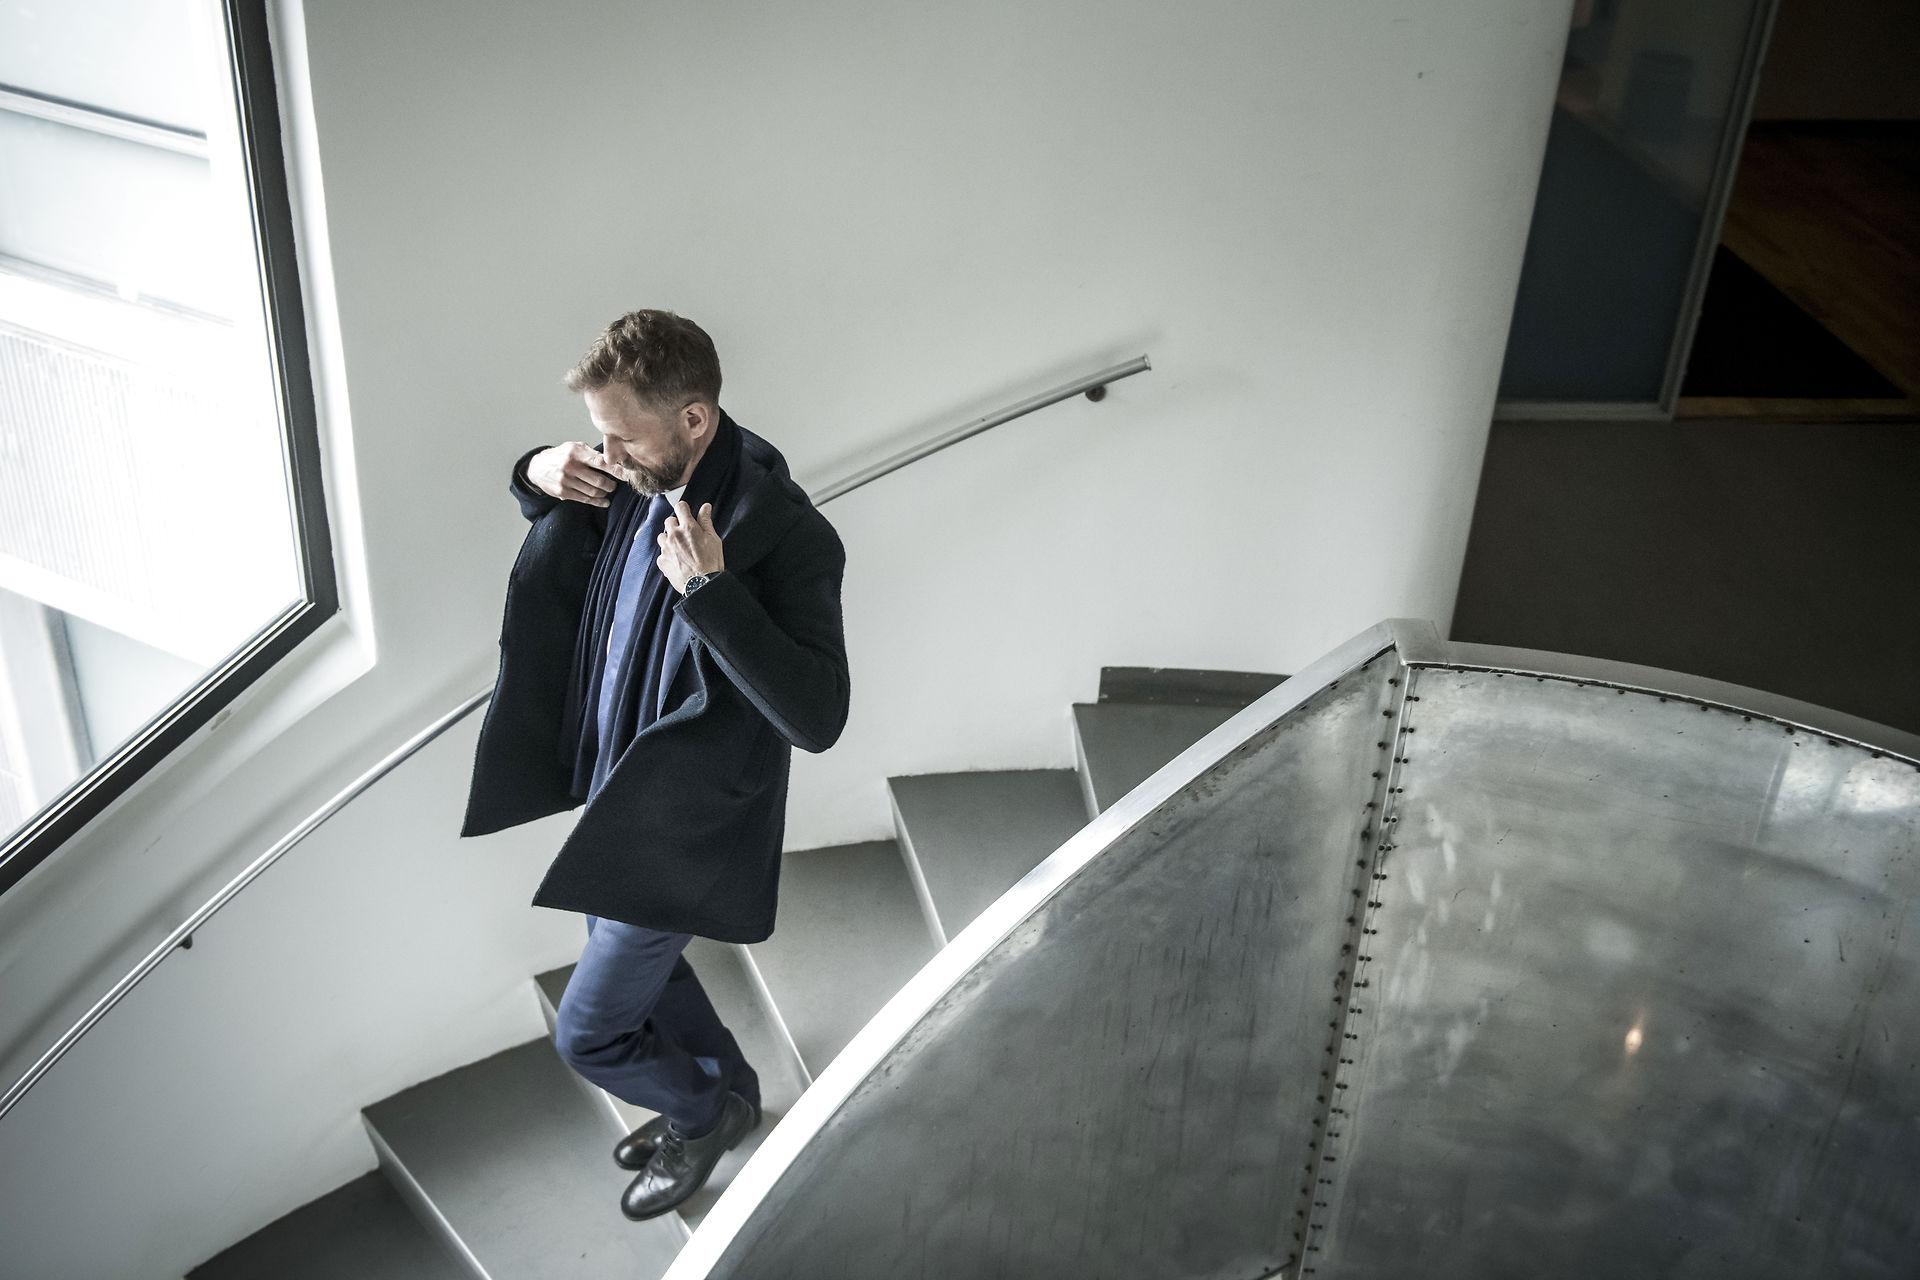 """Avisboss til Mette Frederiksen: """"På lang sigt undergraver det demokratiet"""""""